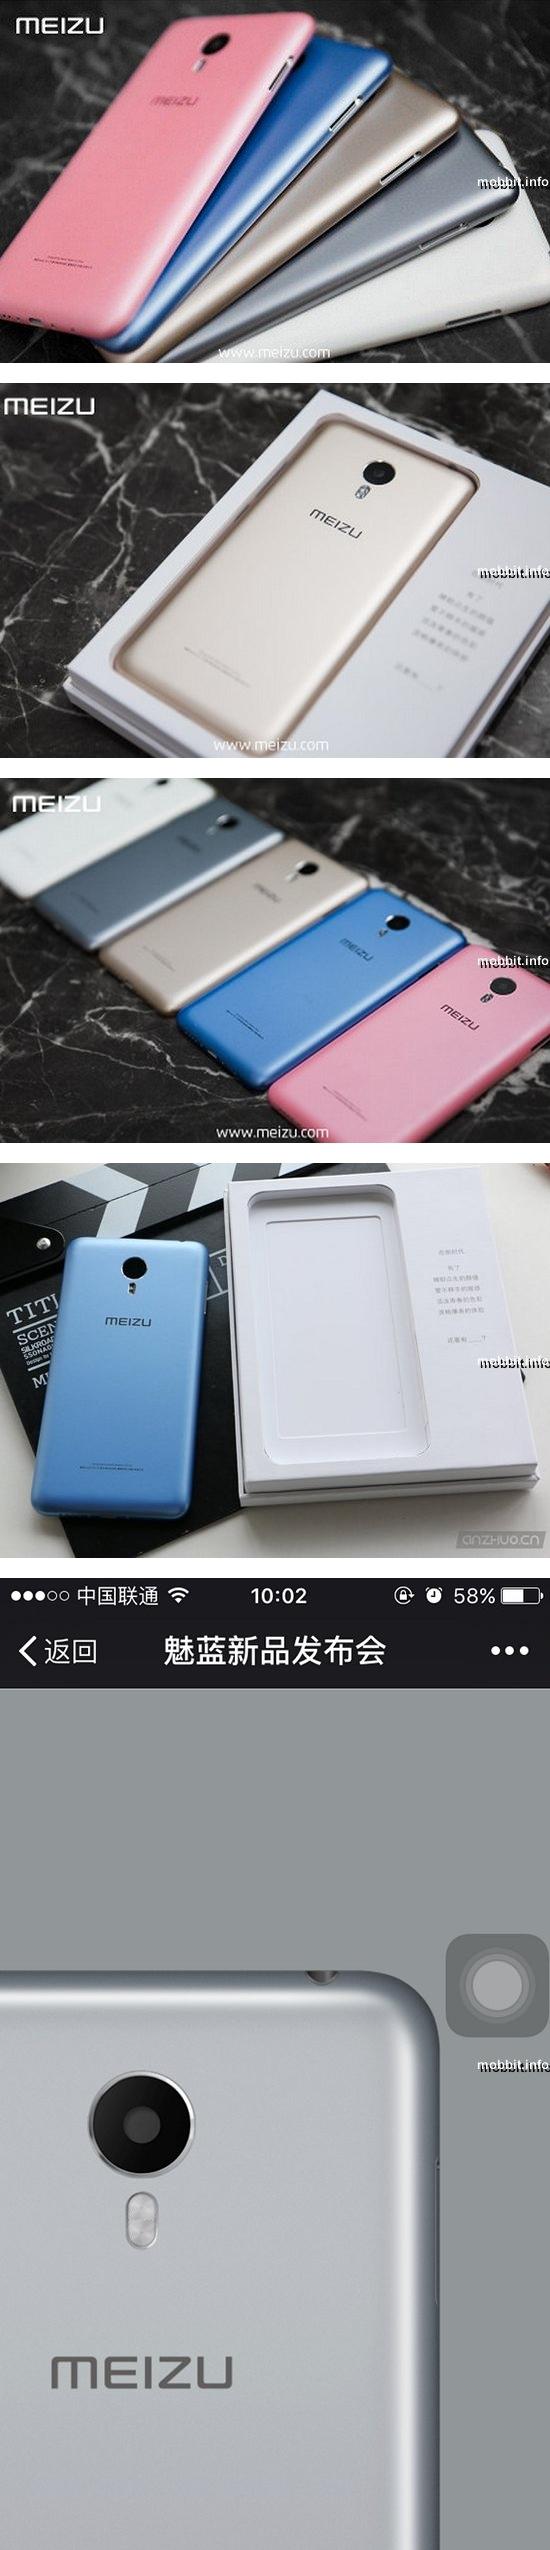 Необъявленный 5, 5-дюймовый смартфон Meizu Blue Charm